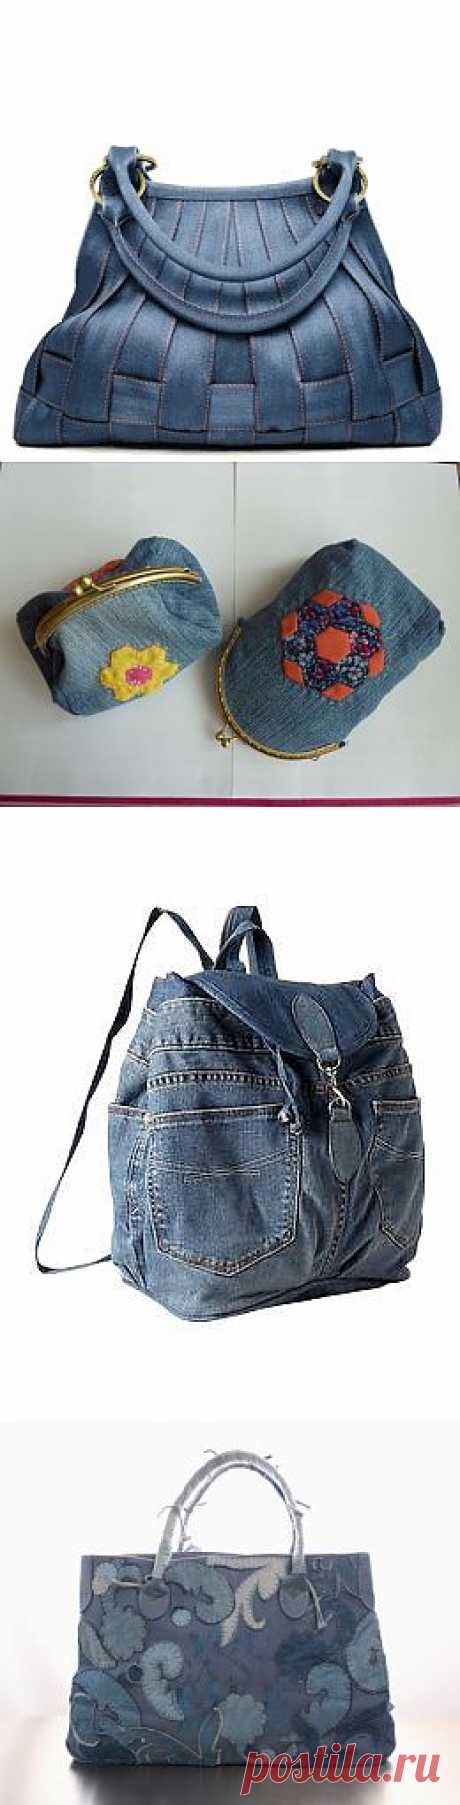 Сумки из джинсов (трафик) / Переделка джинсов